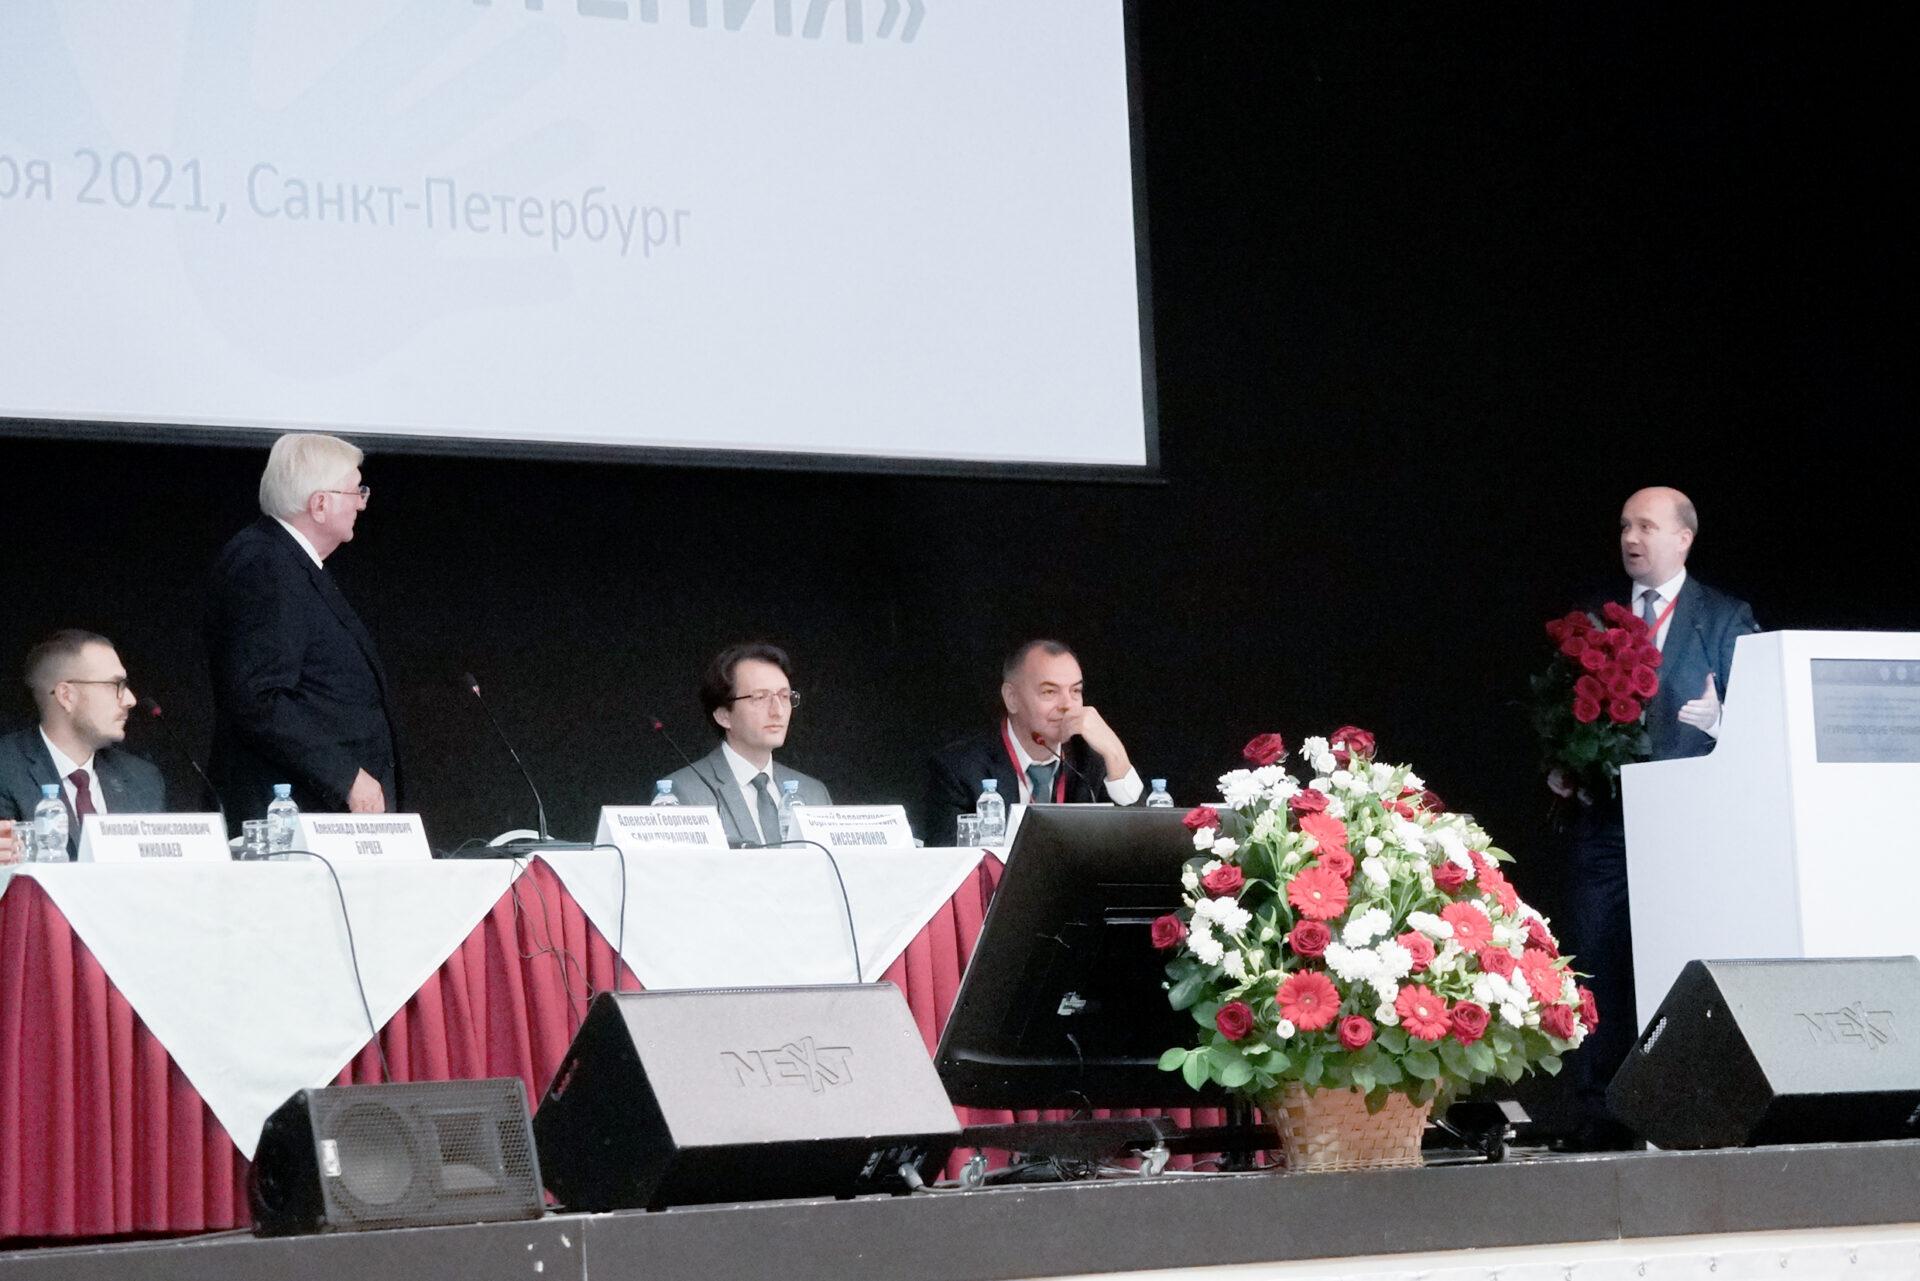 Алексей Георгиевич Баиндурашвили - 50 лет работы в институте Турнера